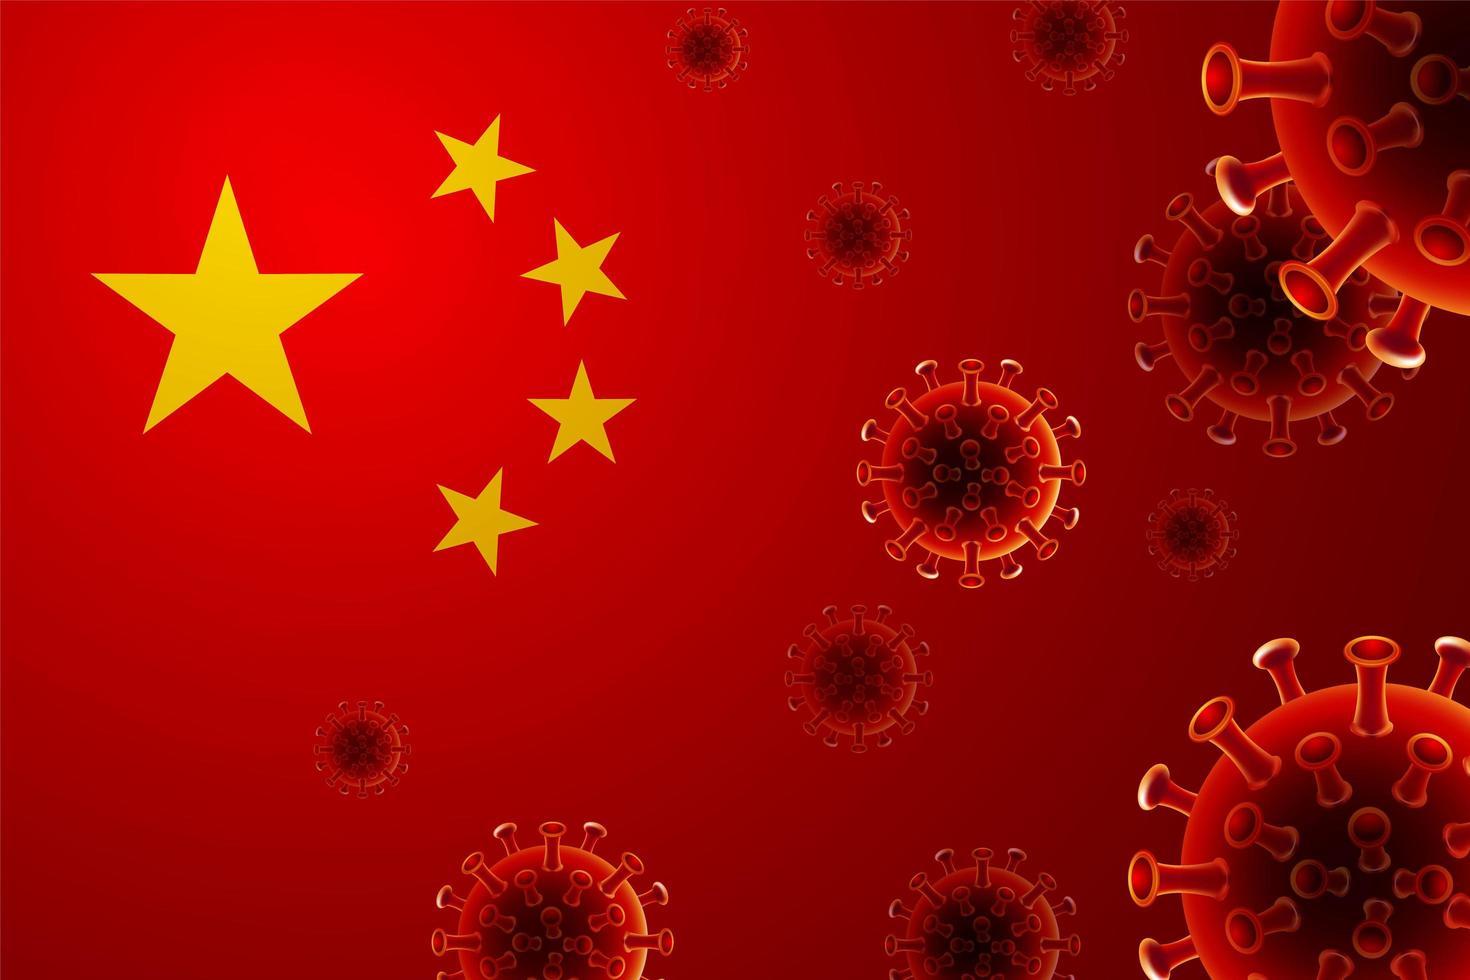 chinesische Flagge mit Viruszellen vektor